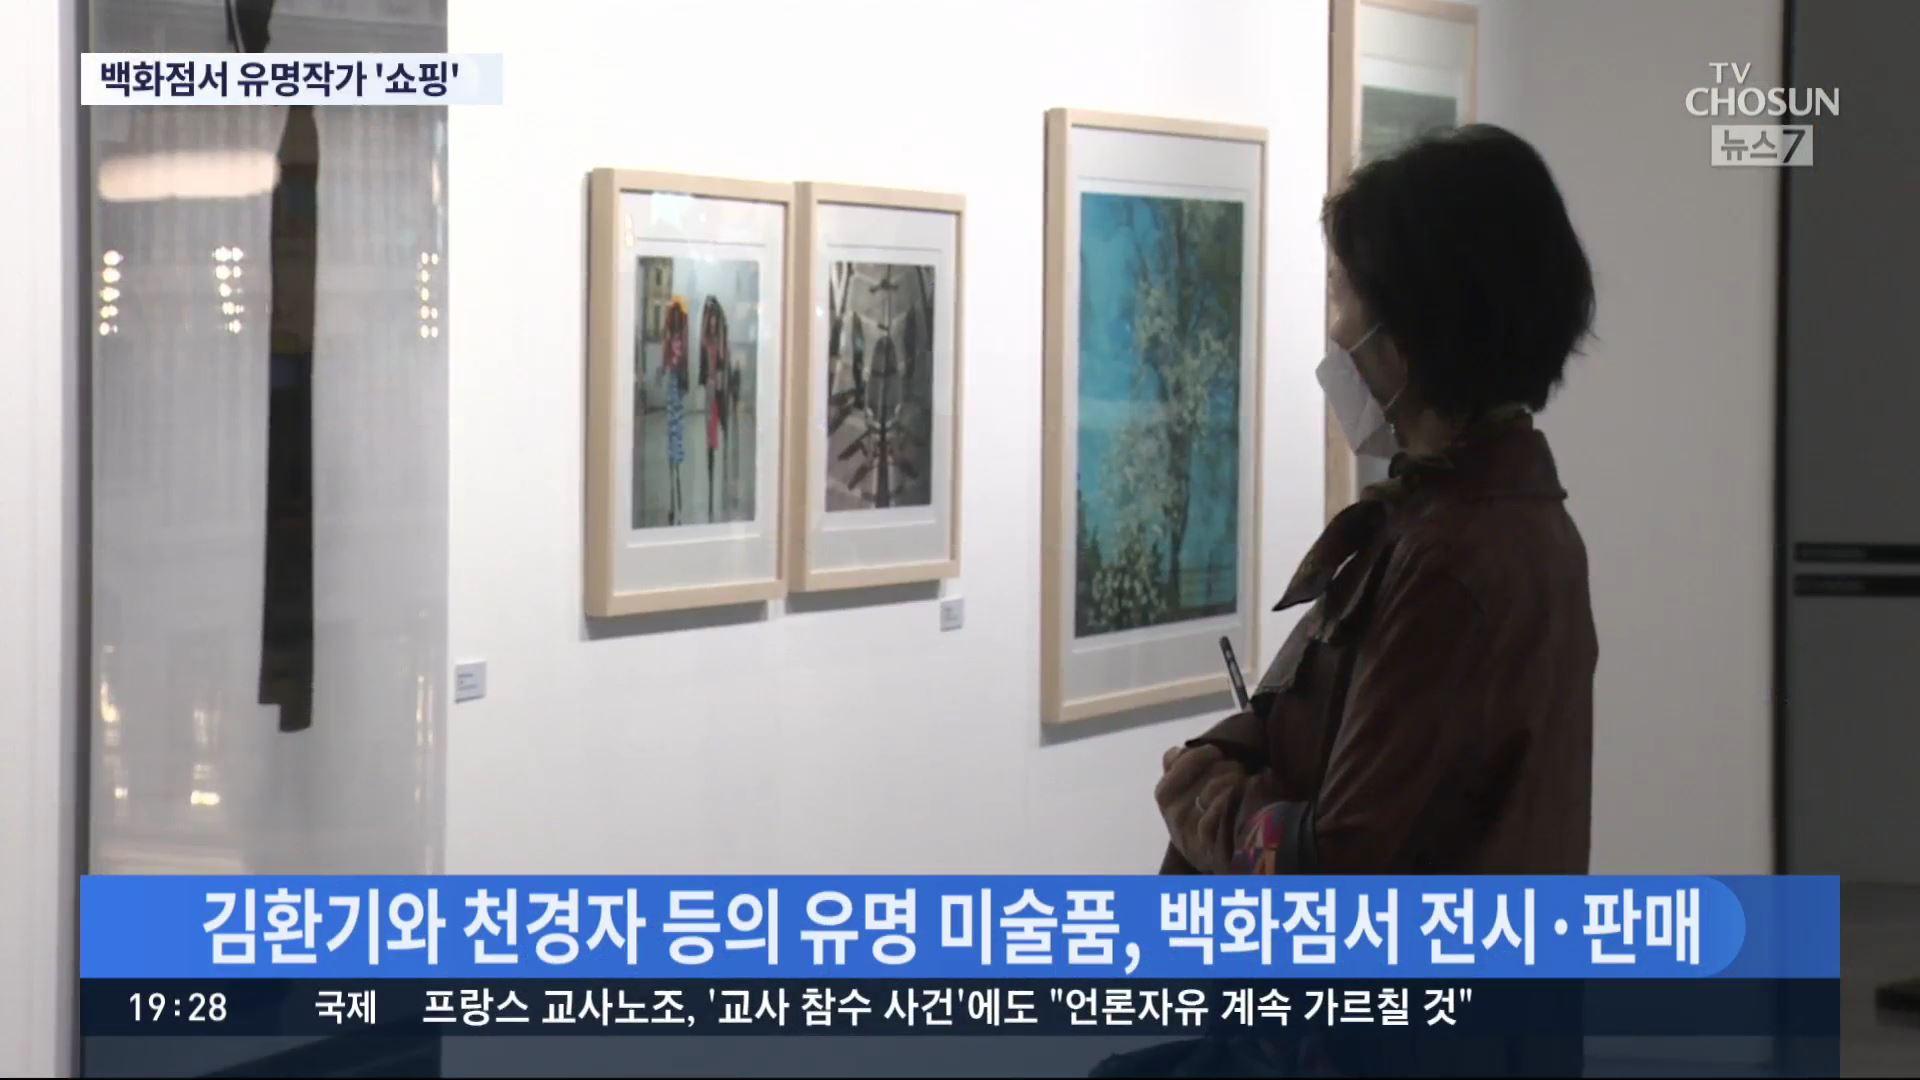 미술관 된 백화점…김환기·박수근·천경자 작품도 '쇼핑'